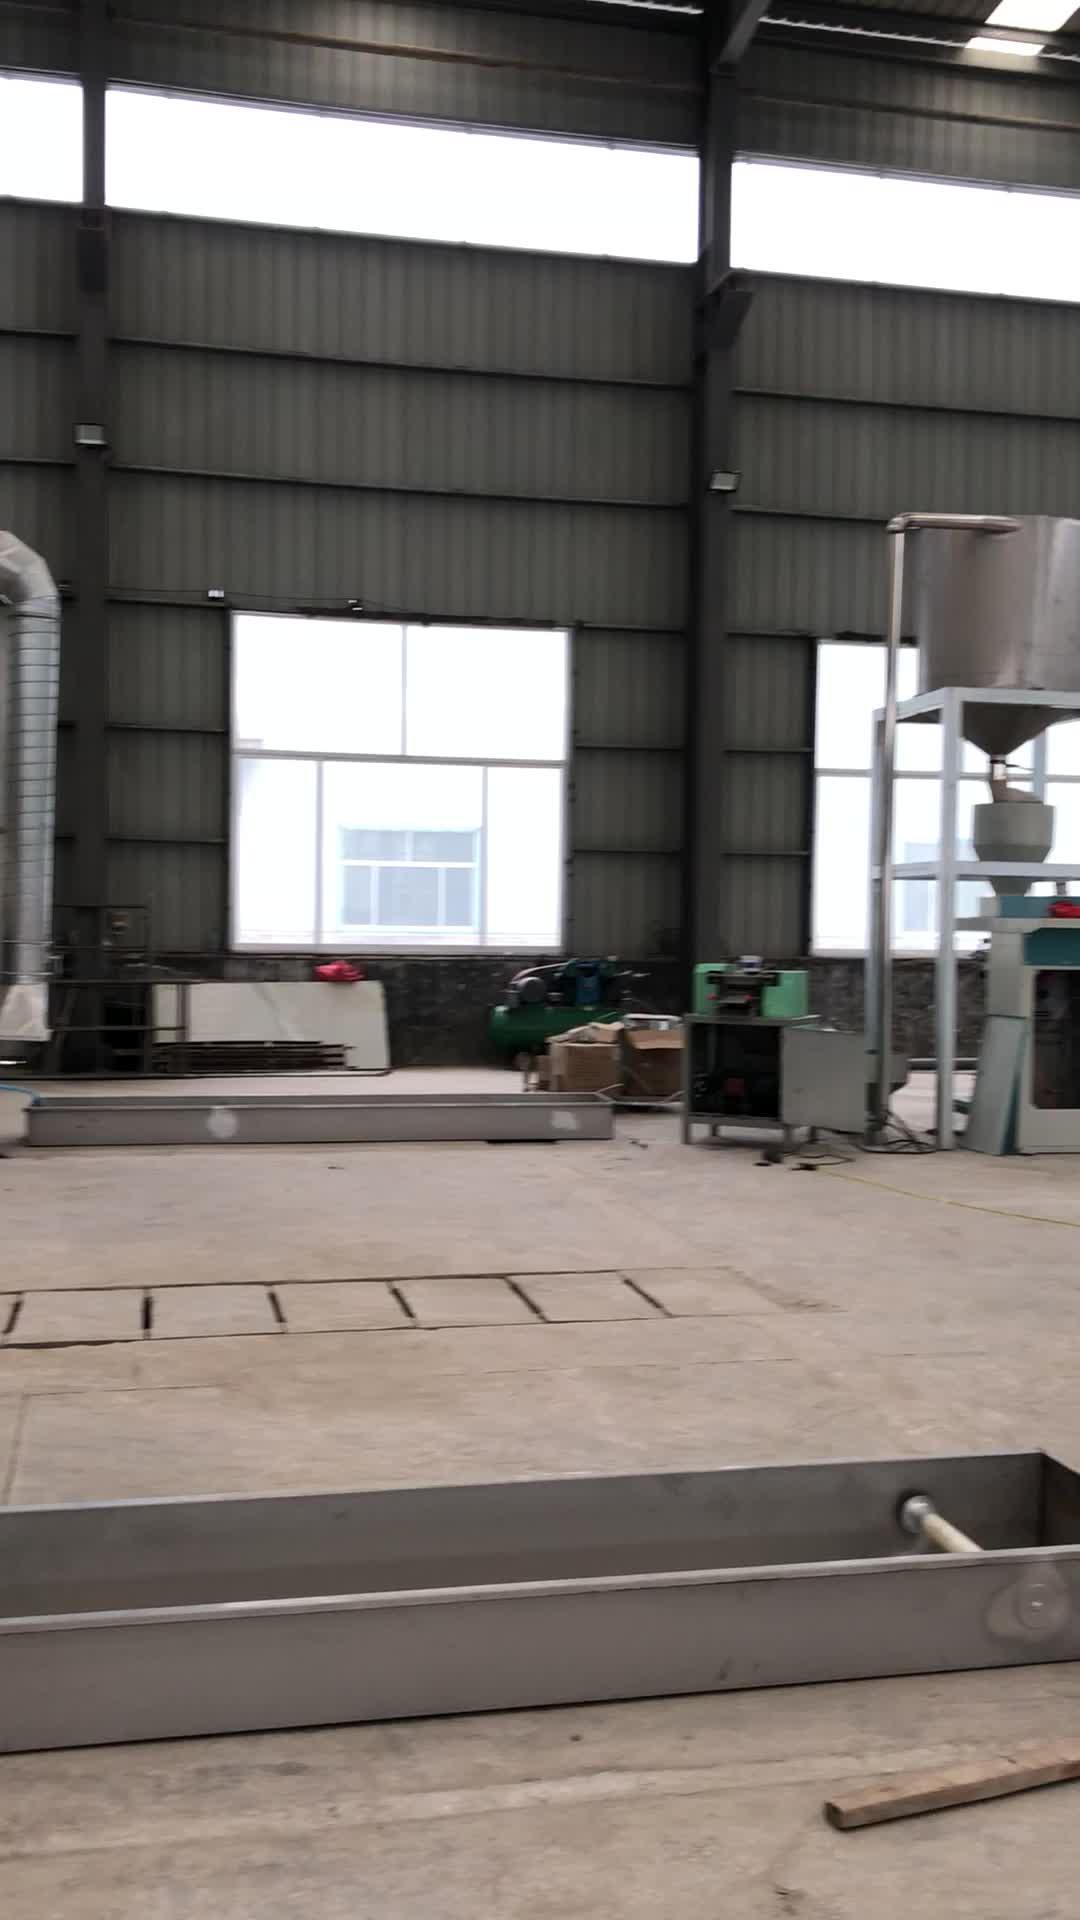 Xách Tay Pelletizer Phần Cắt Nhựa PELLET Máy Nhựa Máy Phụ Trợ Chất Thải Nhựa Máy Hạt